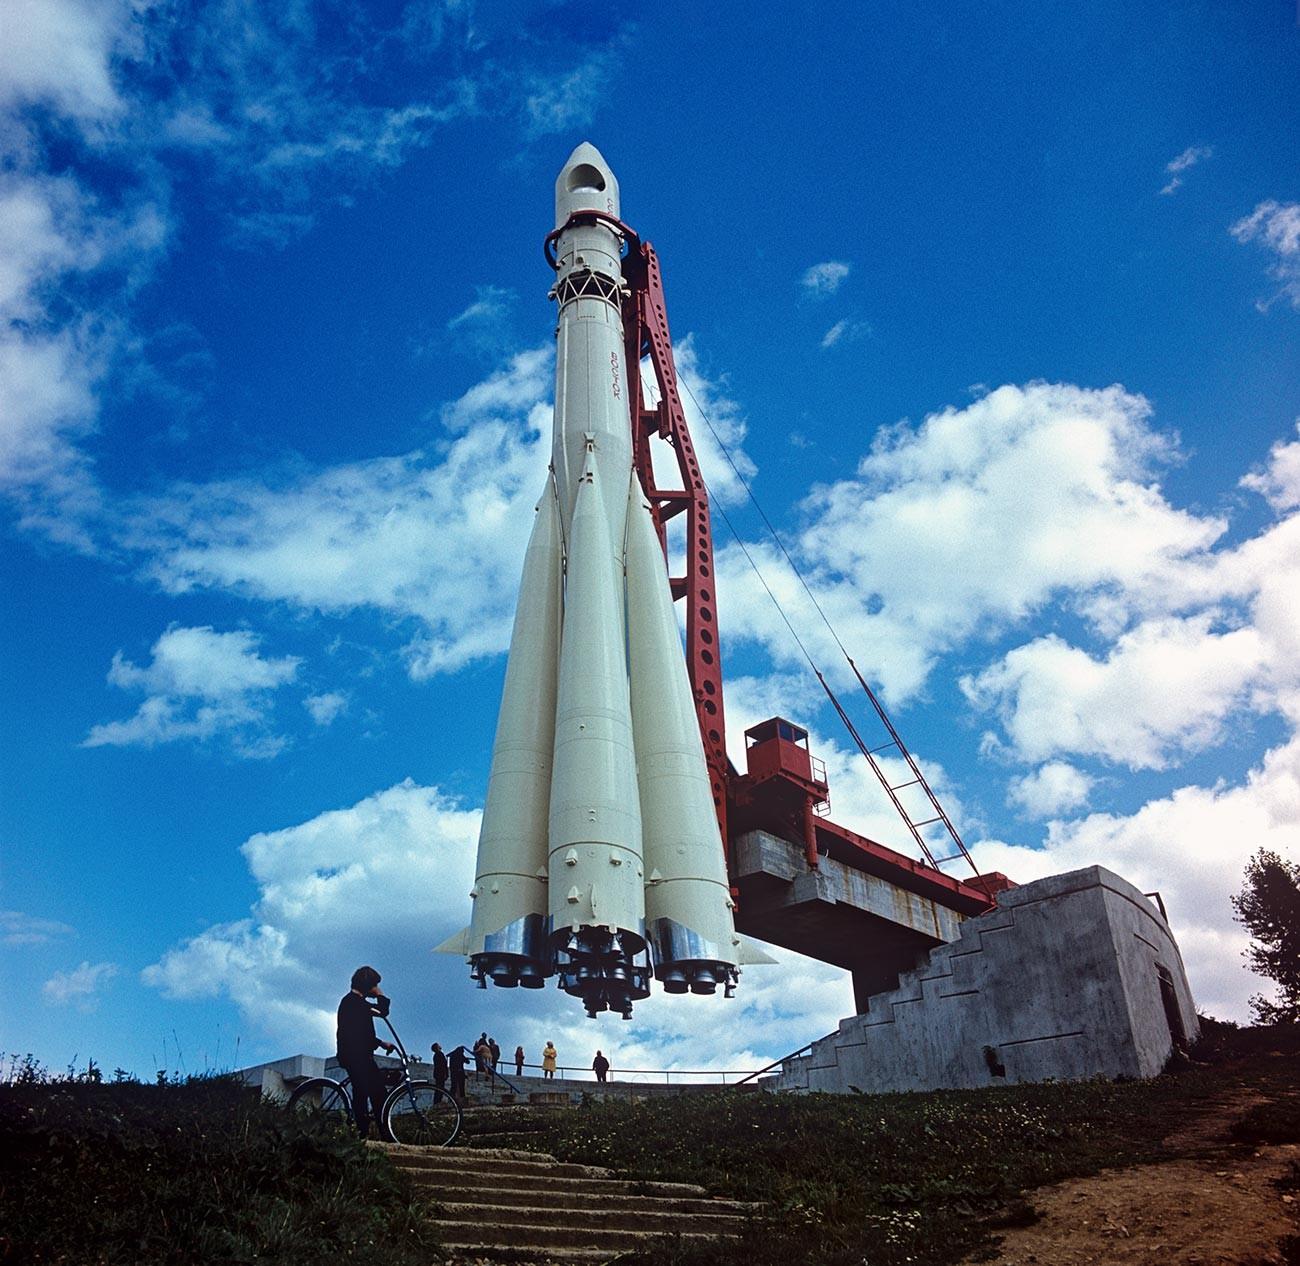 Raketa Vostok, nastala na osnovi R-7, v Državnem muzeju za zgodovino kozmonavtike K. E. Ciolkovskega